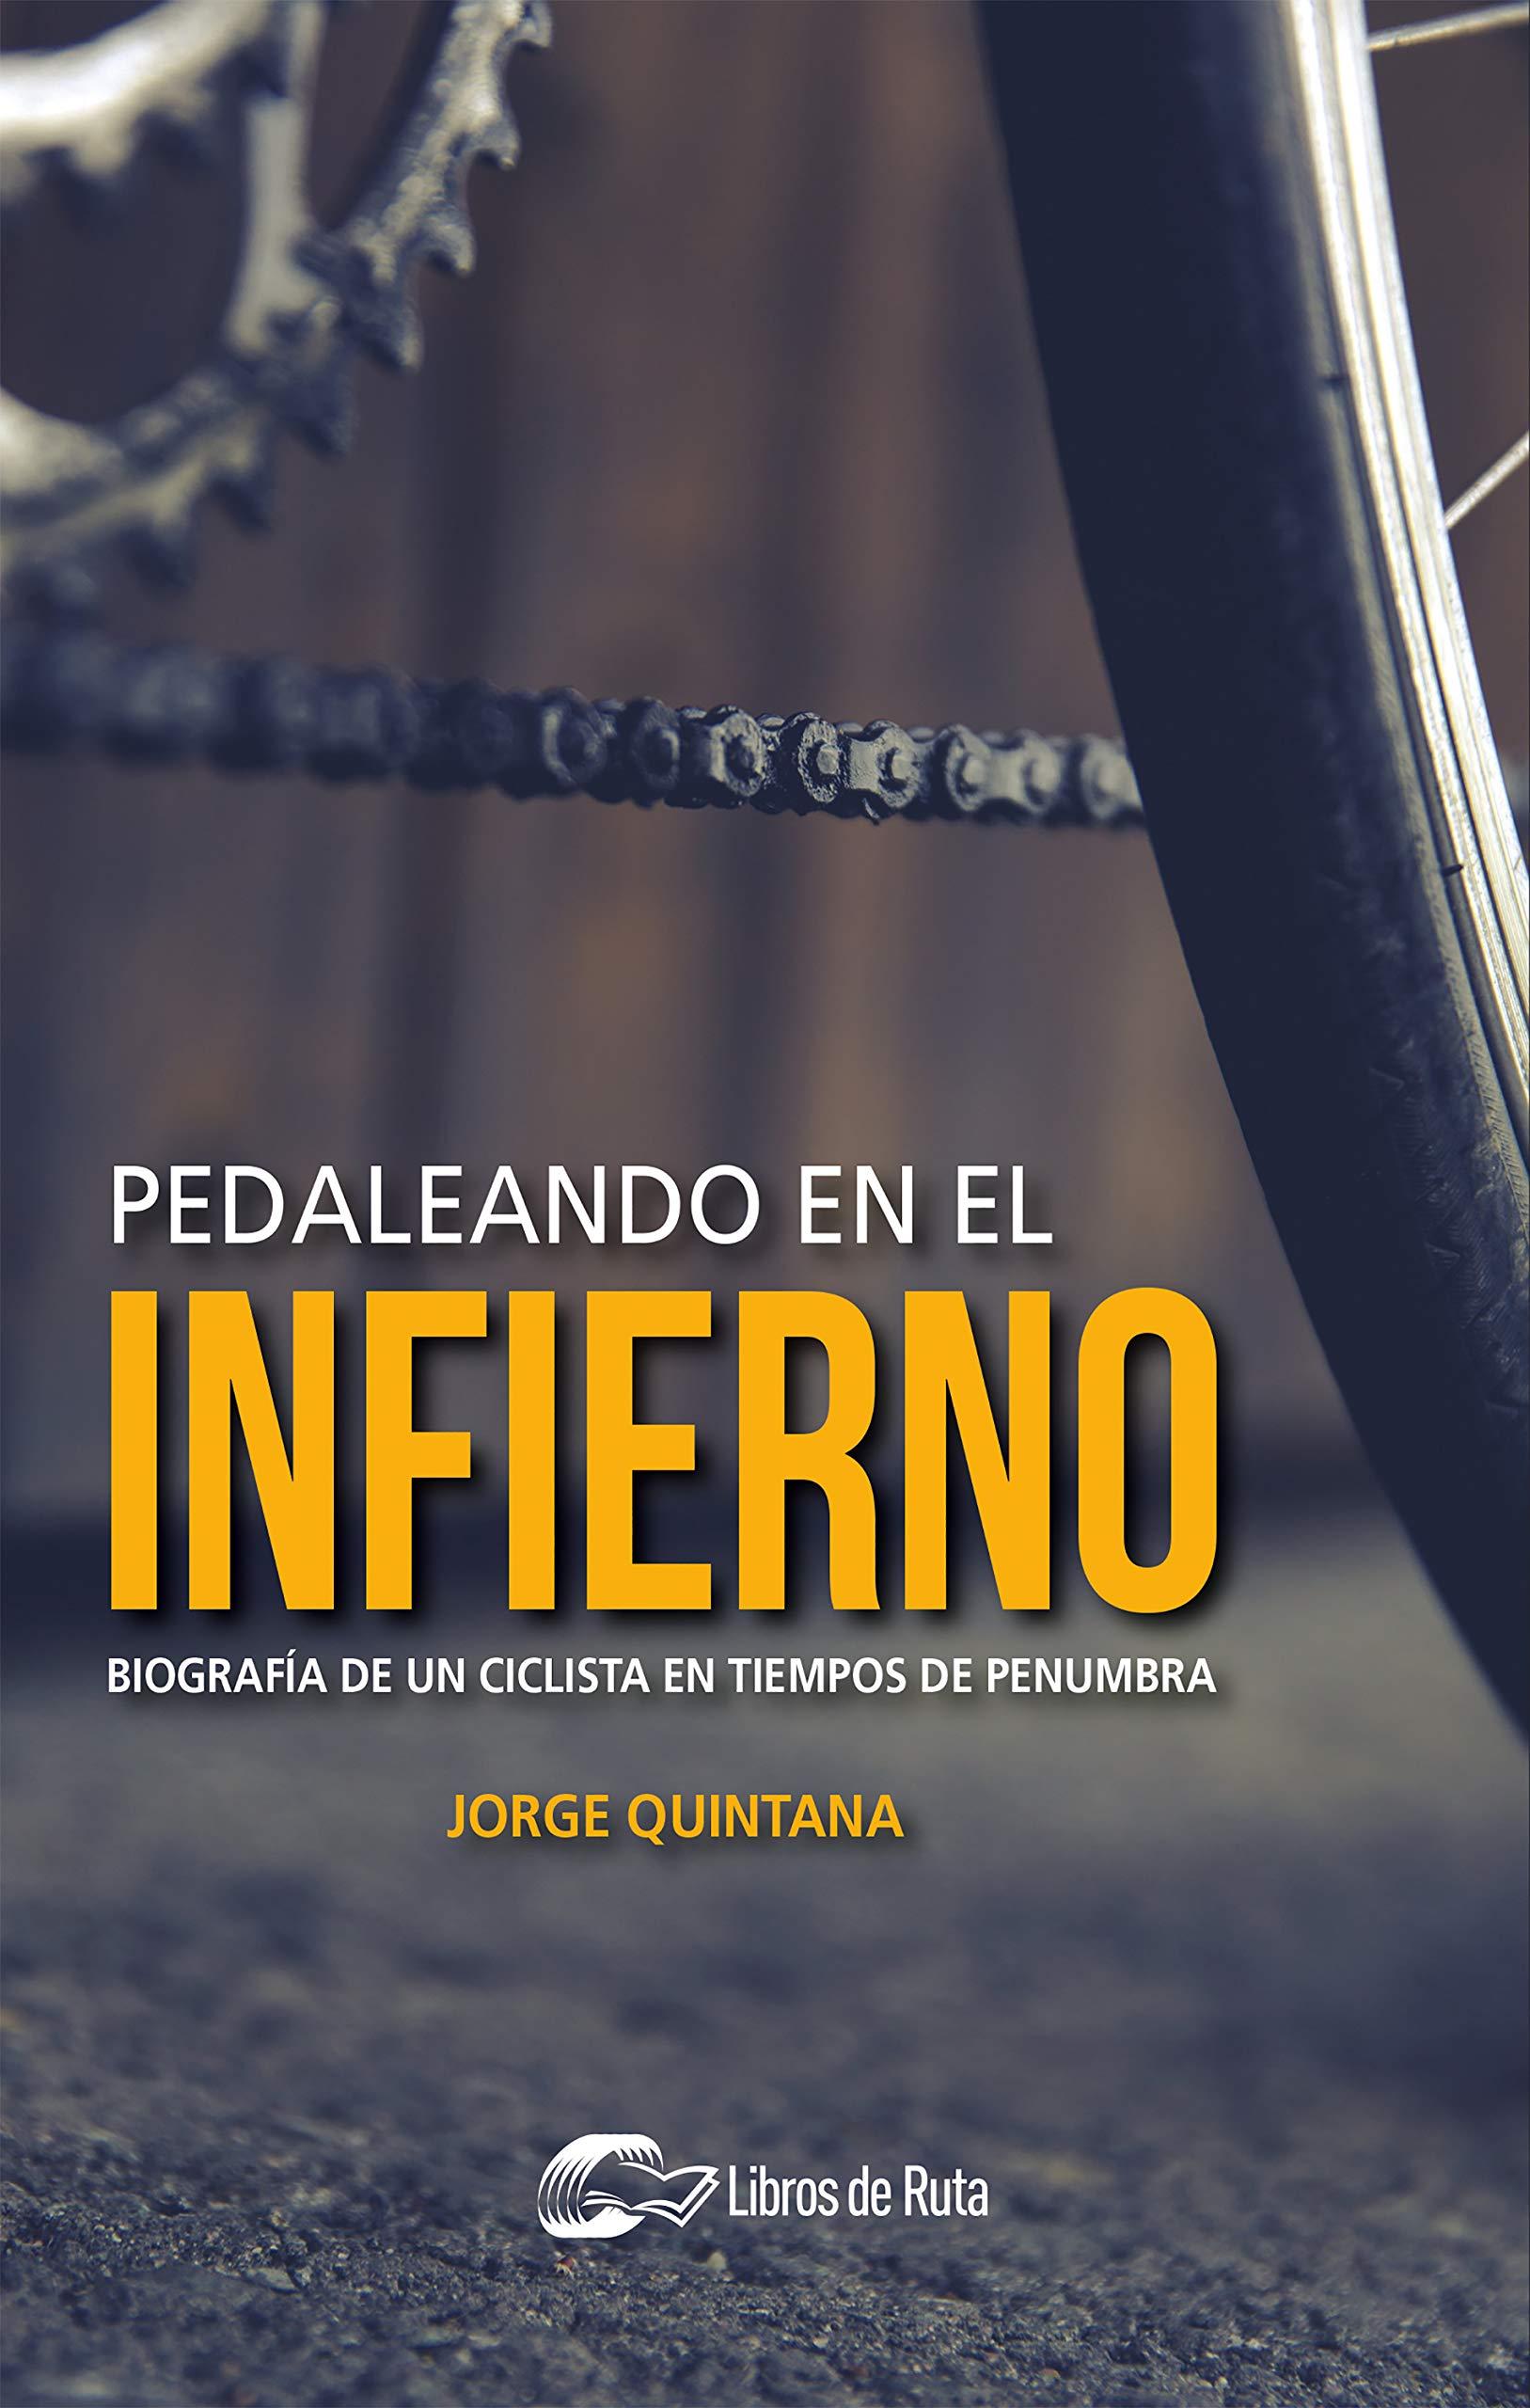 Pedaleando en el infierno: Biografía de un ciclista en tiempos de penumbra